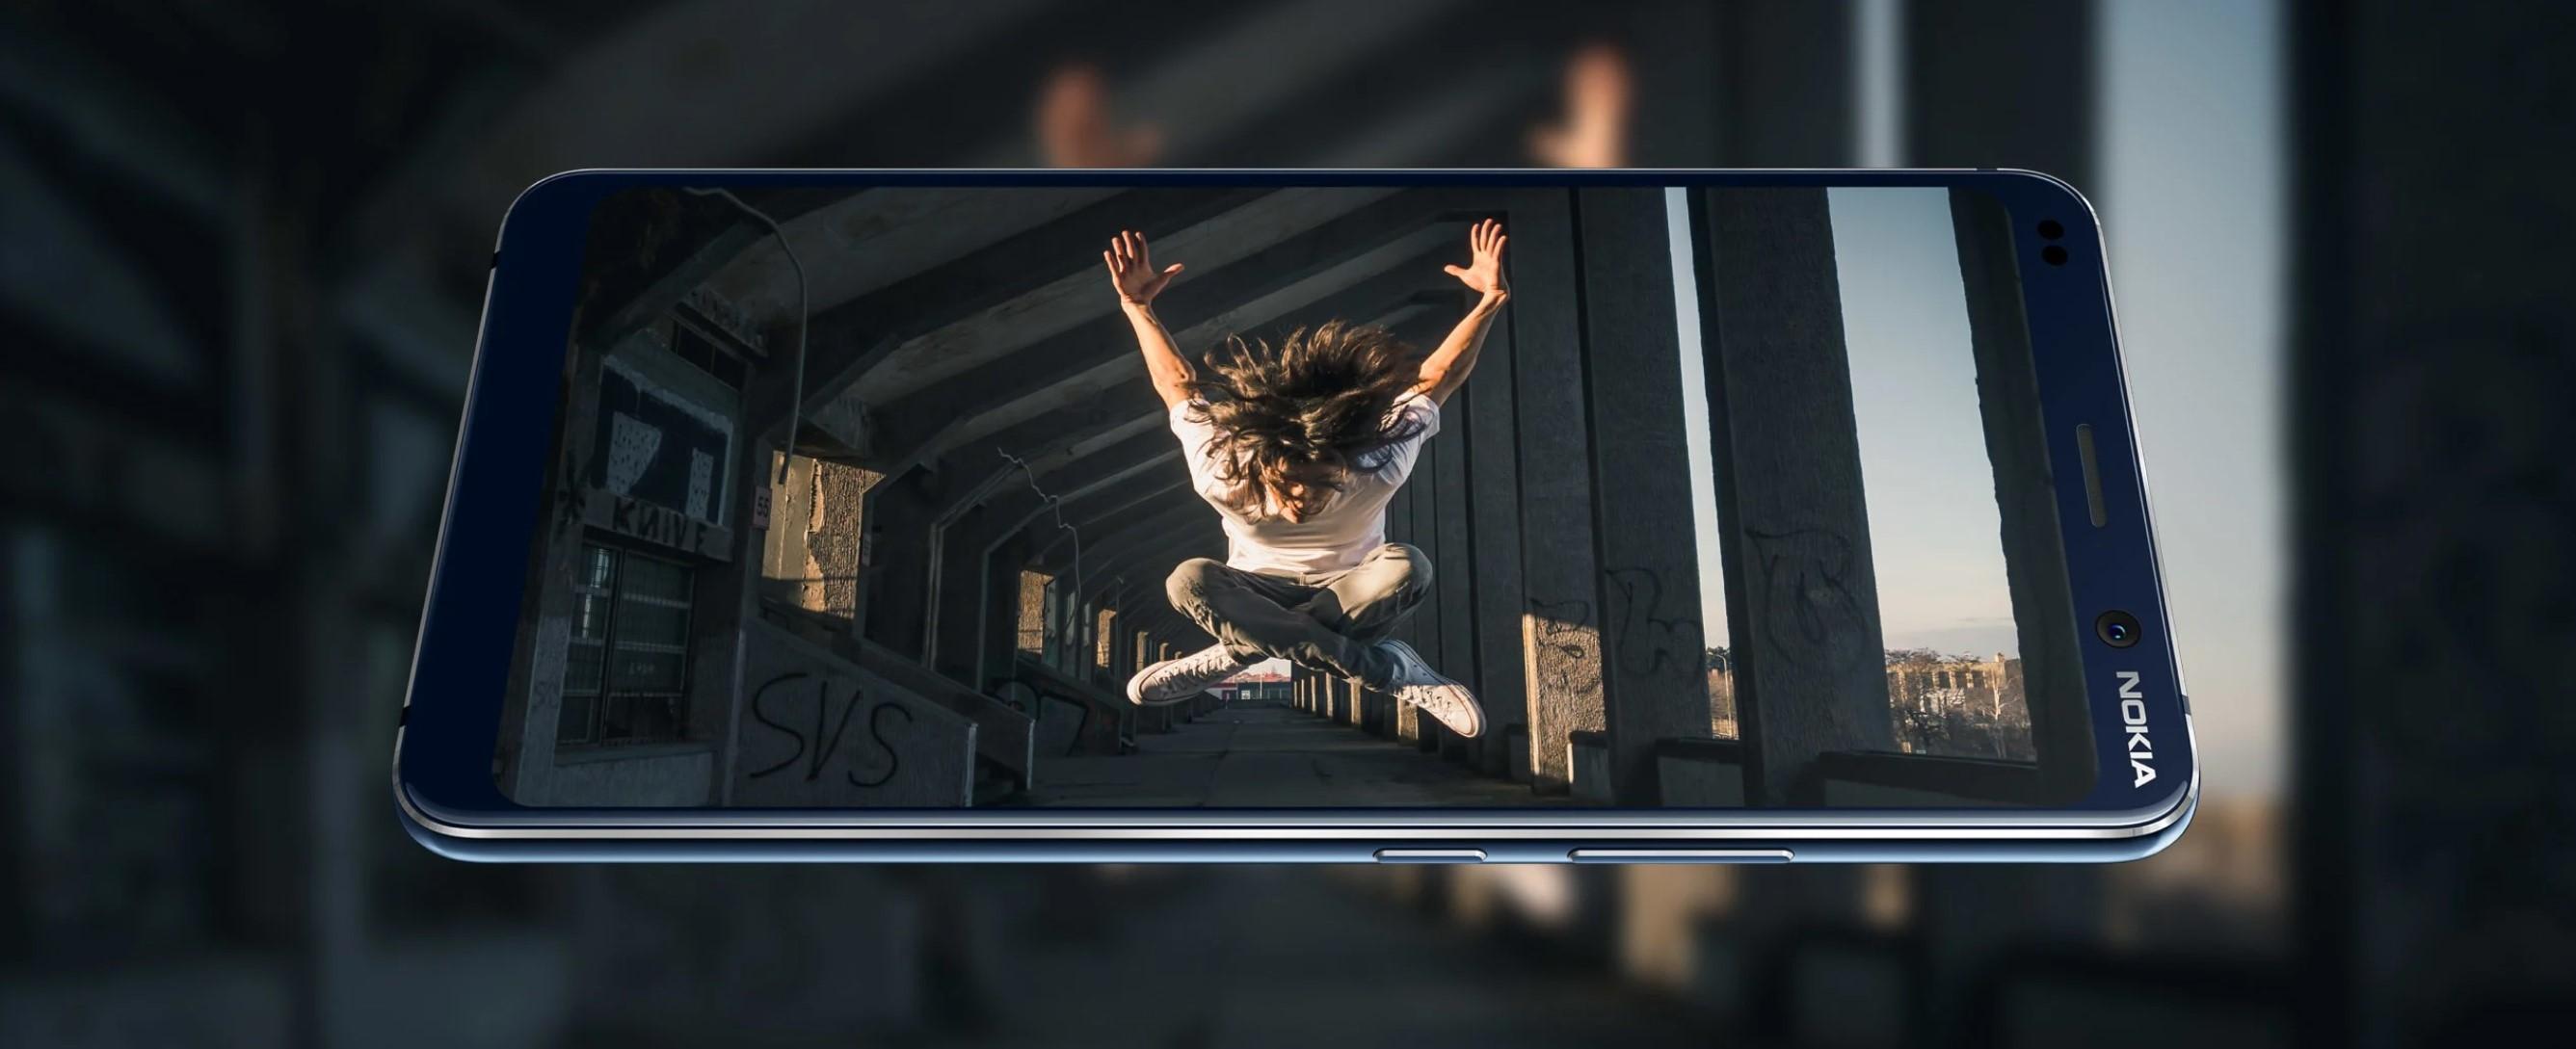 Nokia 9.3 Pure View będzie nagrywać wideo w 8K. Czy warto na to czekać? 19